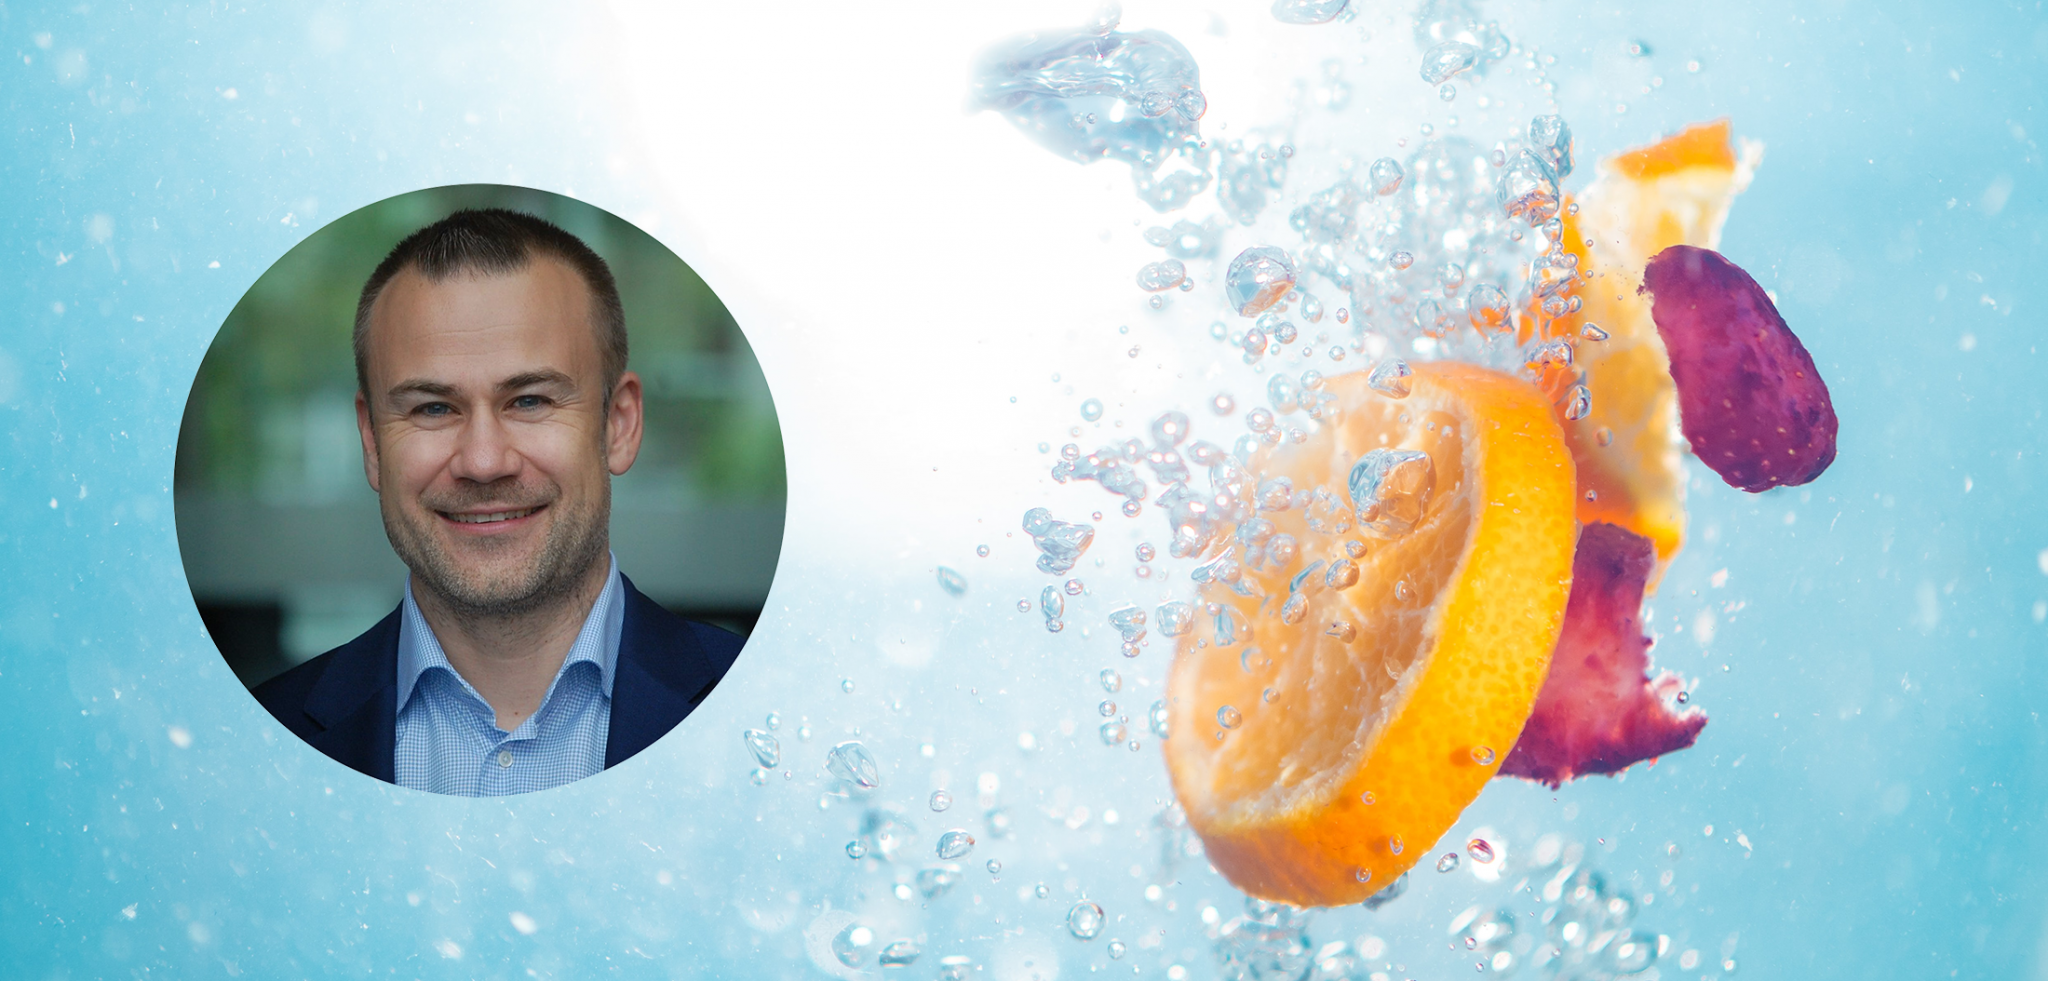 Appelsinskiver og kronblader som slippes i vann sammen med et profilbilde av Xledger ansatt Eivind Berger-Lorentzen.